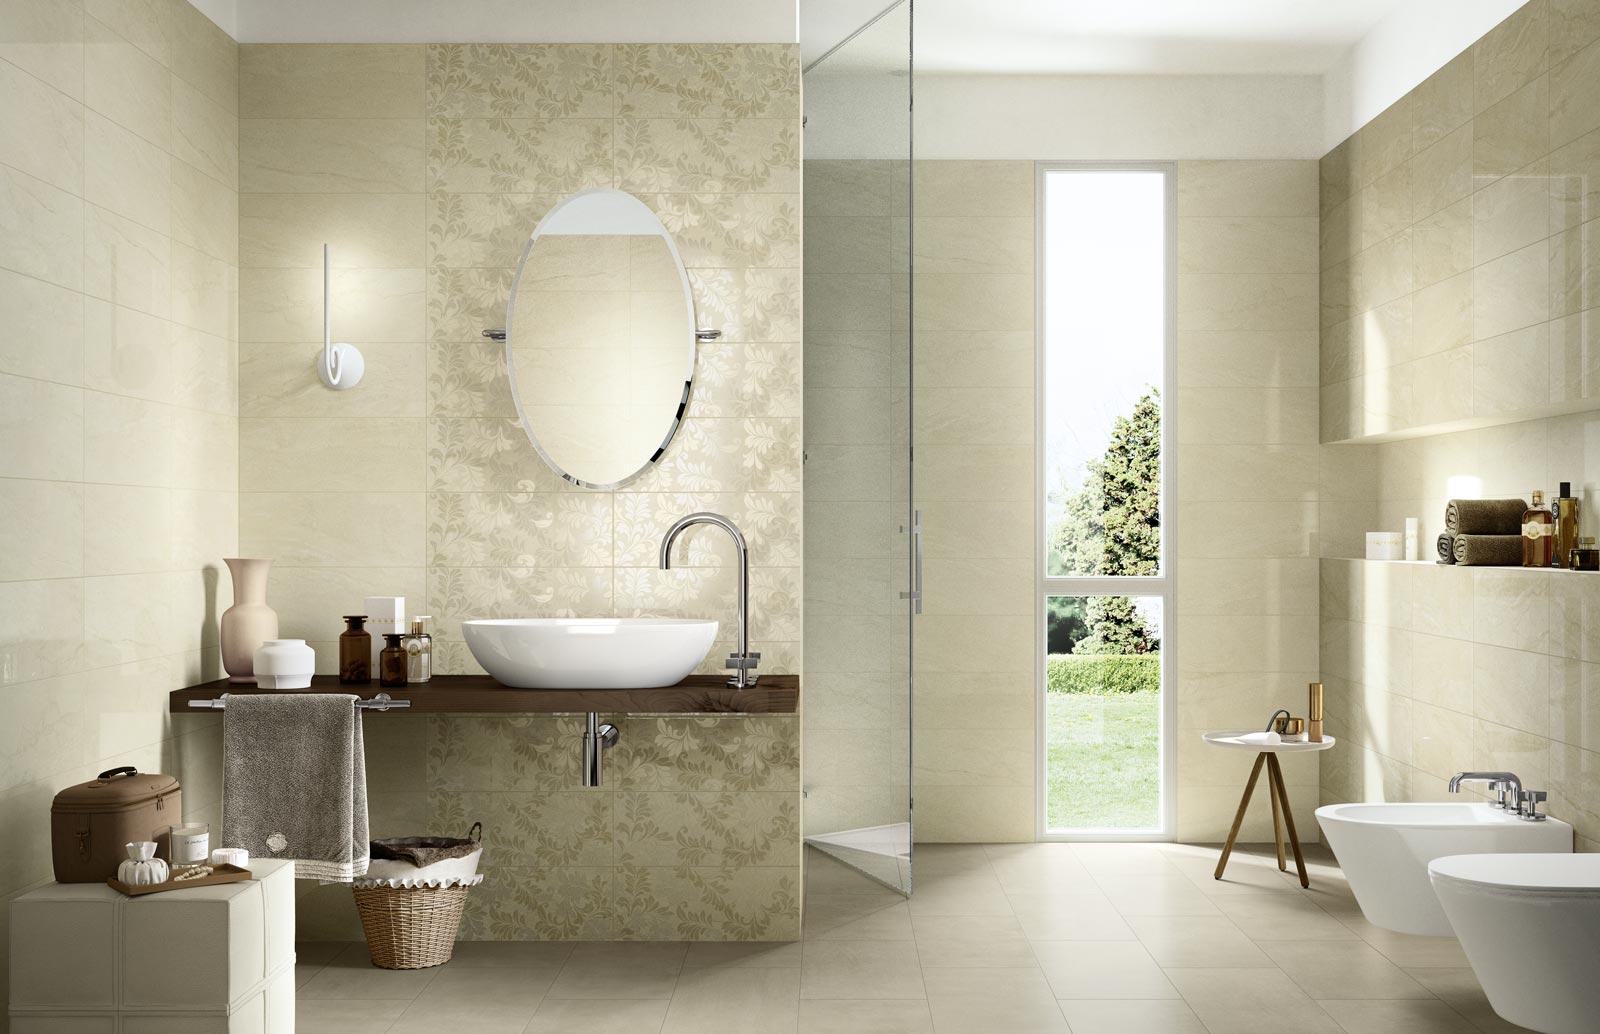 Collezione grace piastrelle in ceramica per il tuo bagno for Carrelage urban ivory